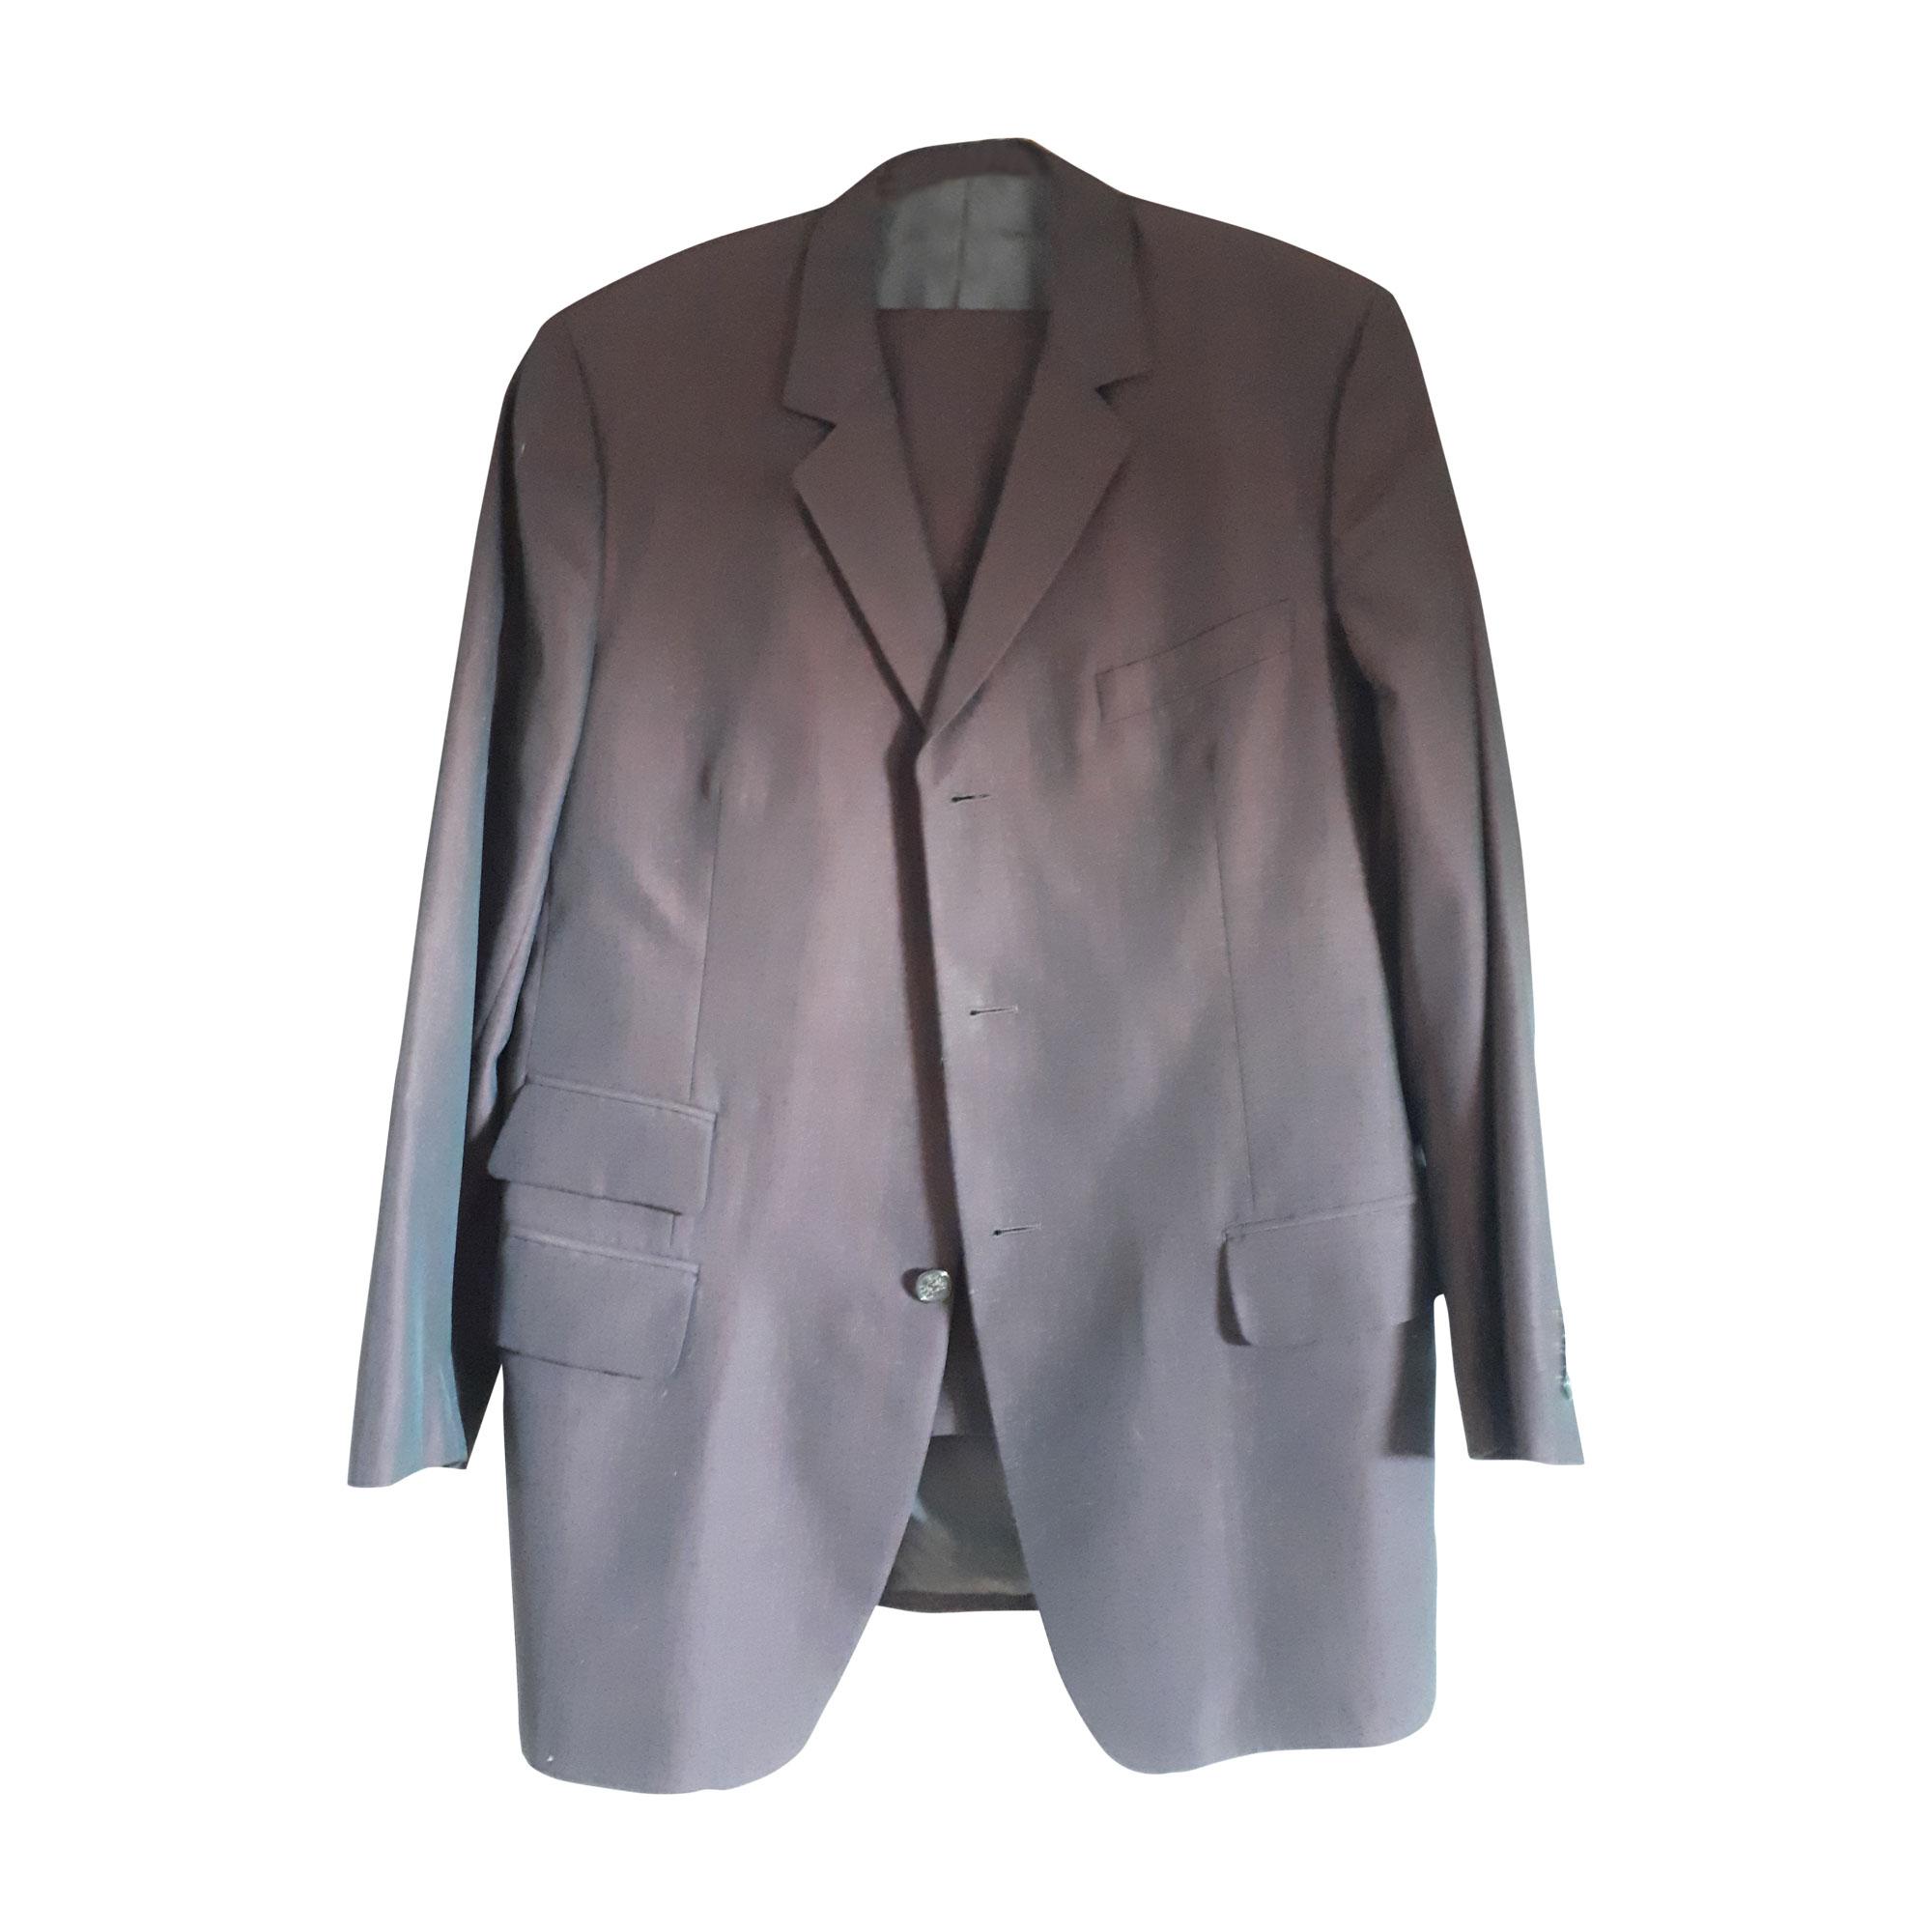 Veste de costume GUCCI 52 (L) burgunderrot - 7628589 b3499c8c888c